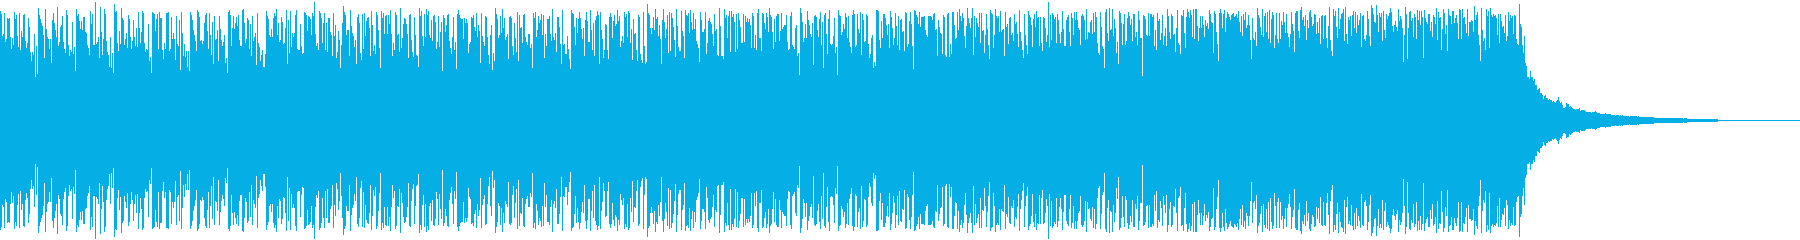 戦闘/テクスチャー/打楽器のみの再生済みの波形